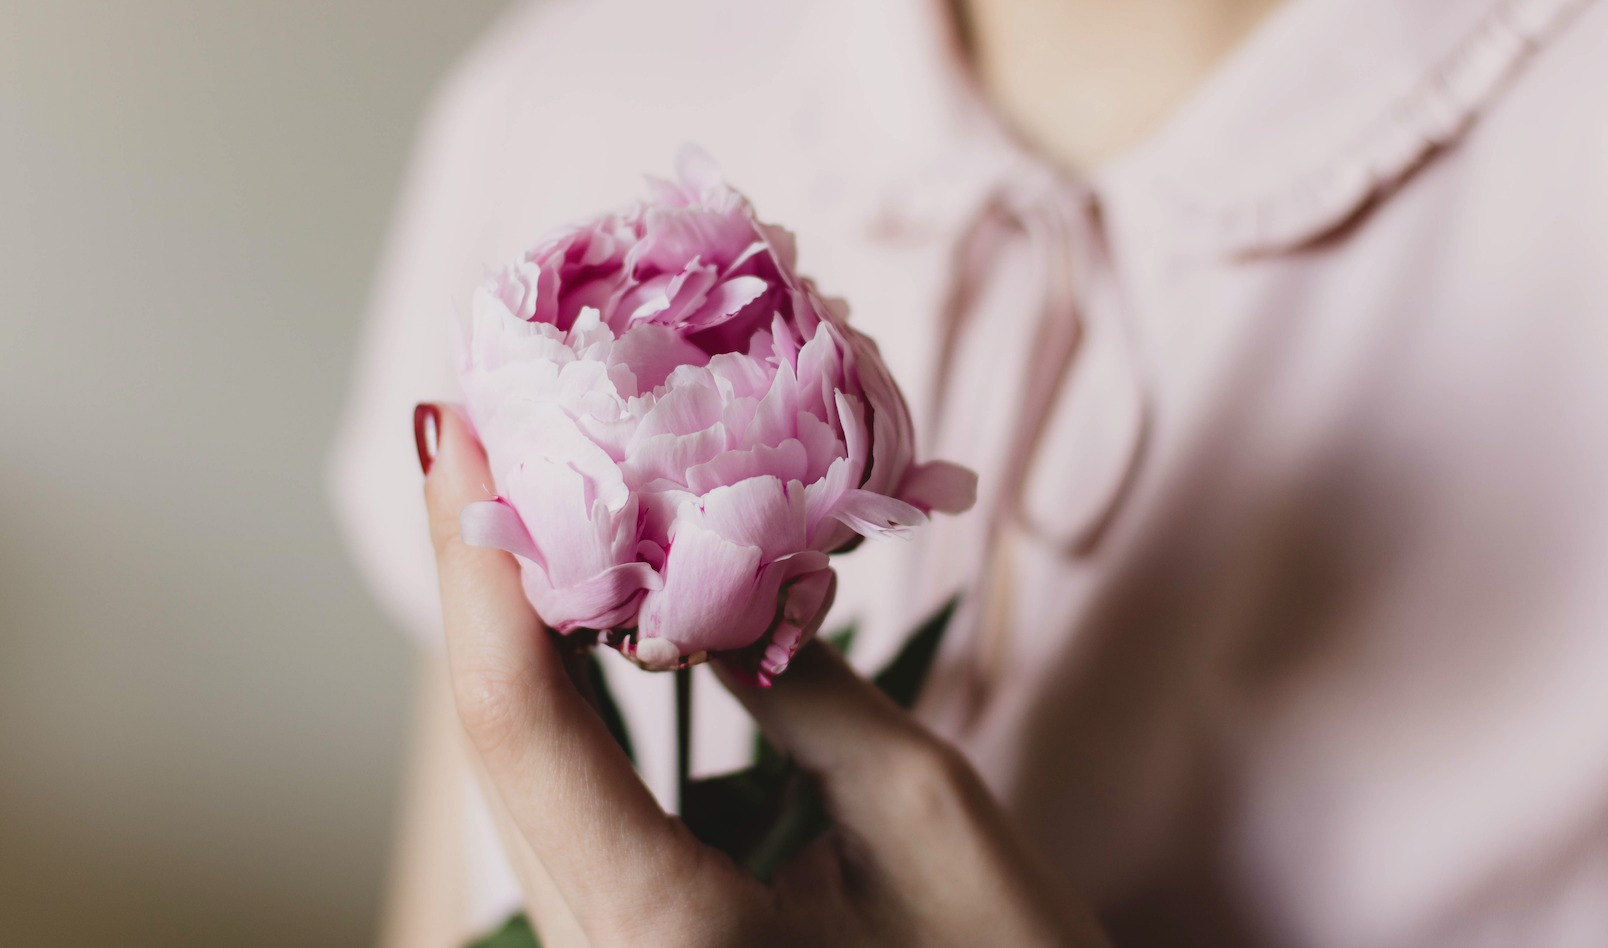 Prevenzione tumore al seno